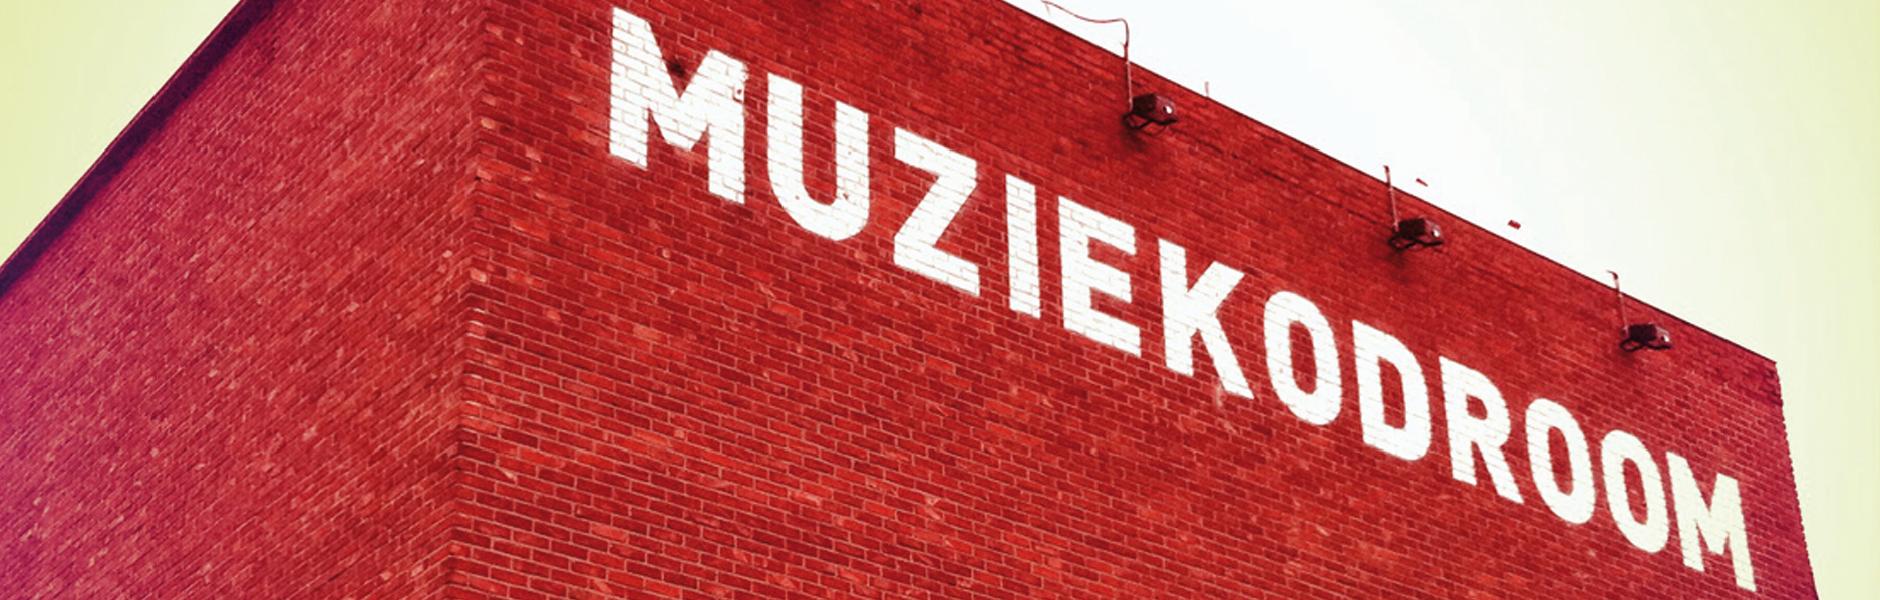 Muziekodroom